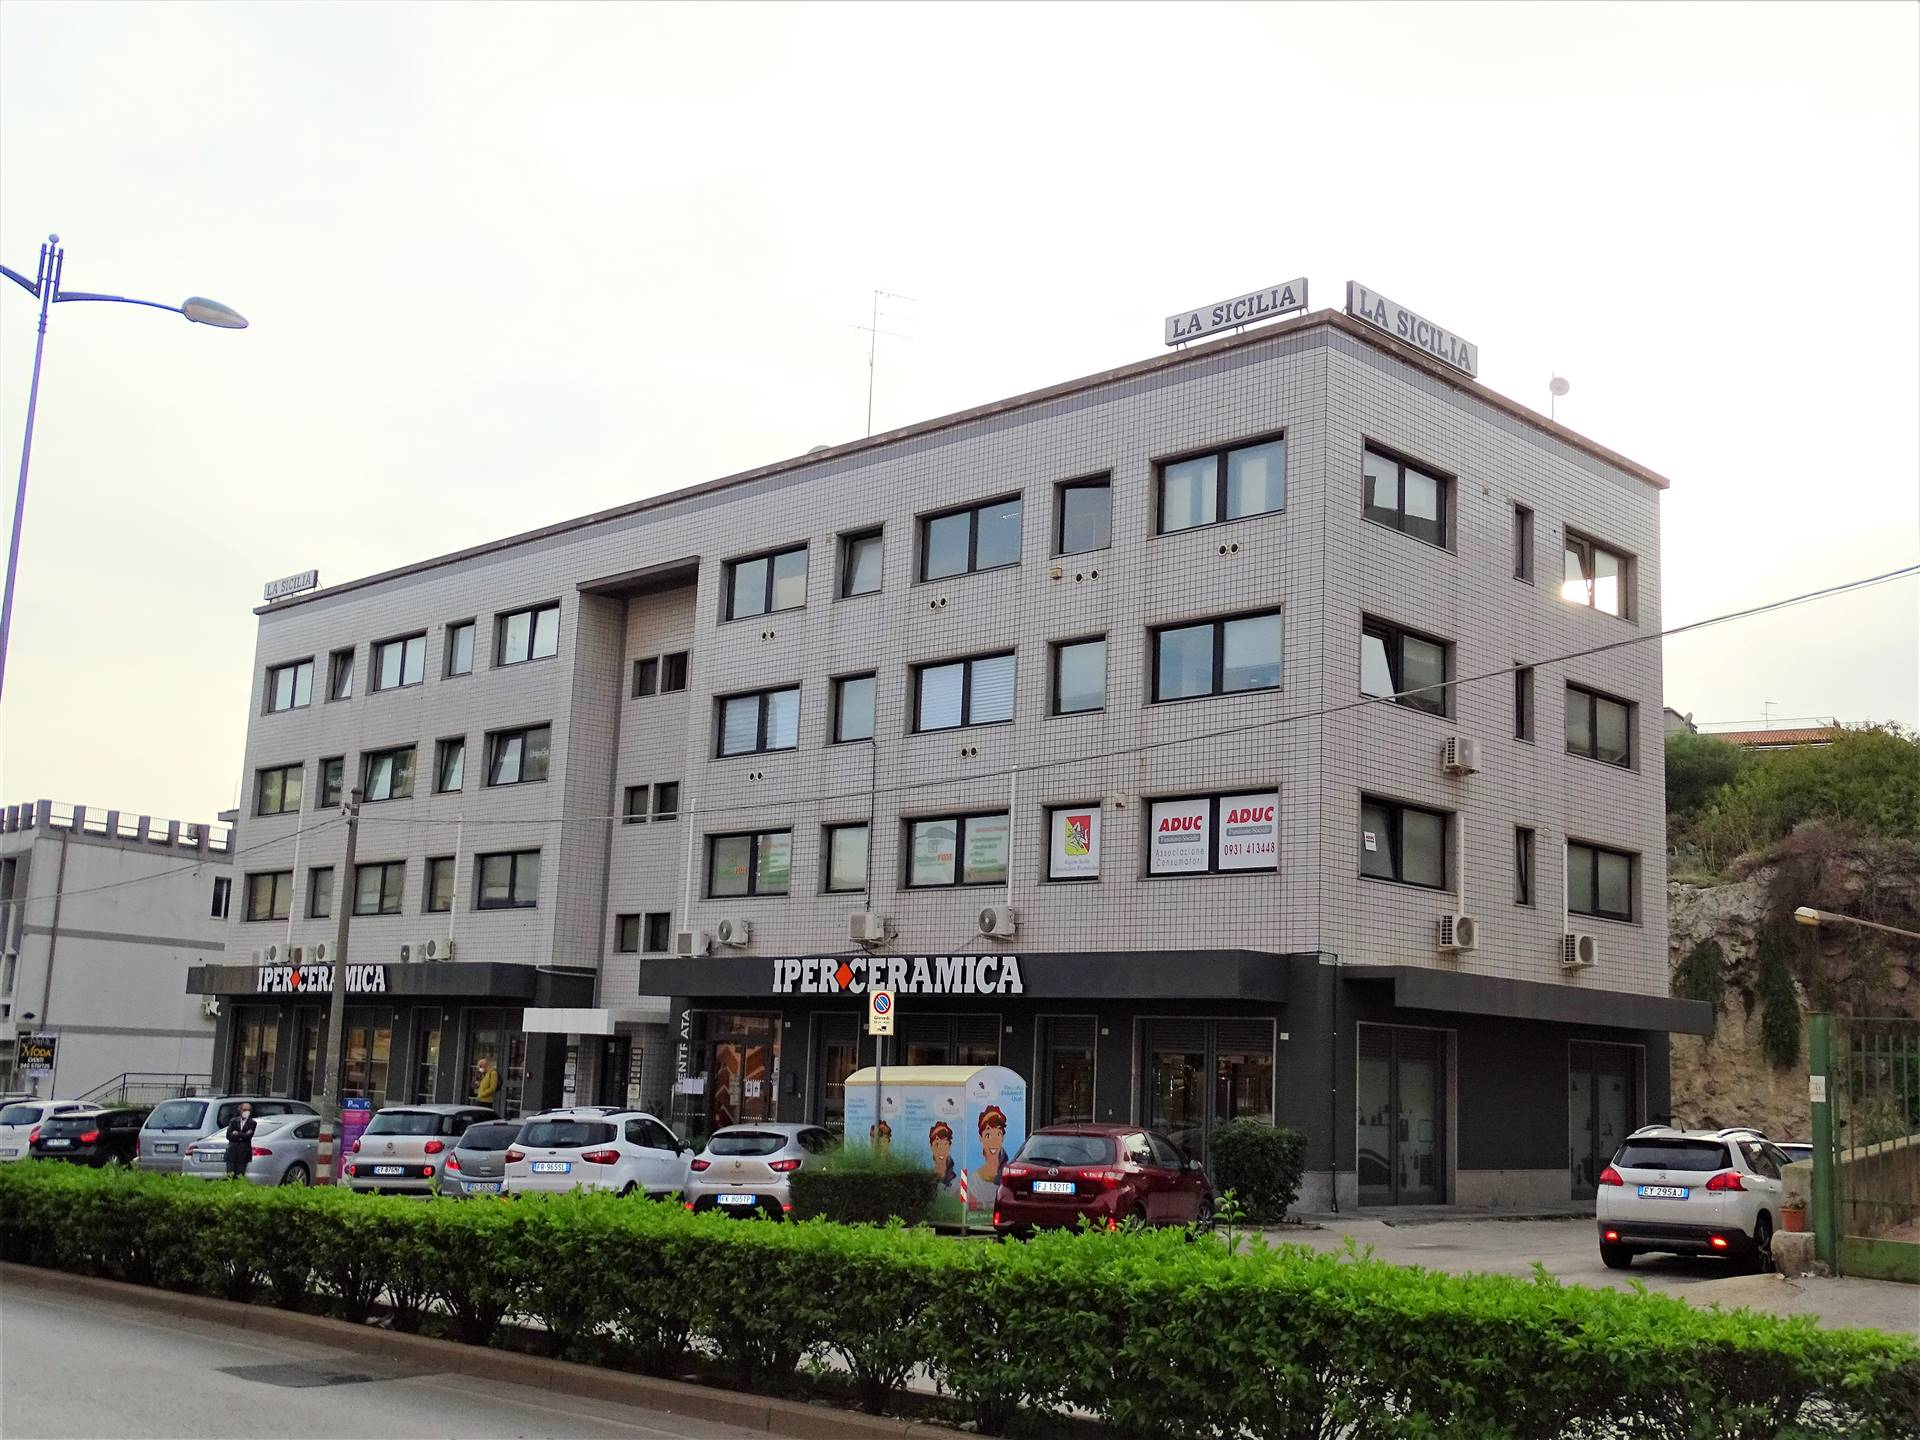 Ufficio / Studio in vendita a Siracusa, 3 locali, zona Località: TERACATI, prezzo € 68.000 | CambioCasa.it